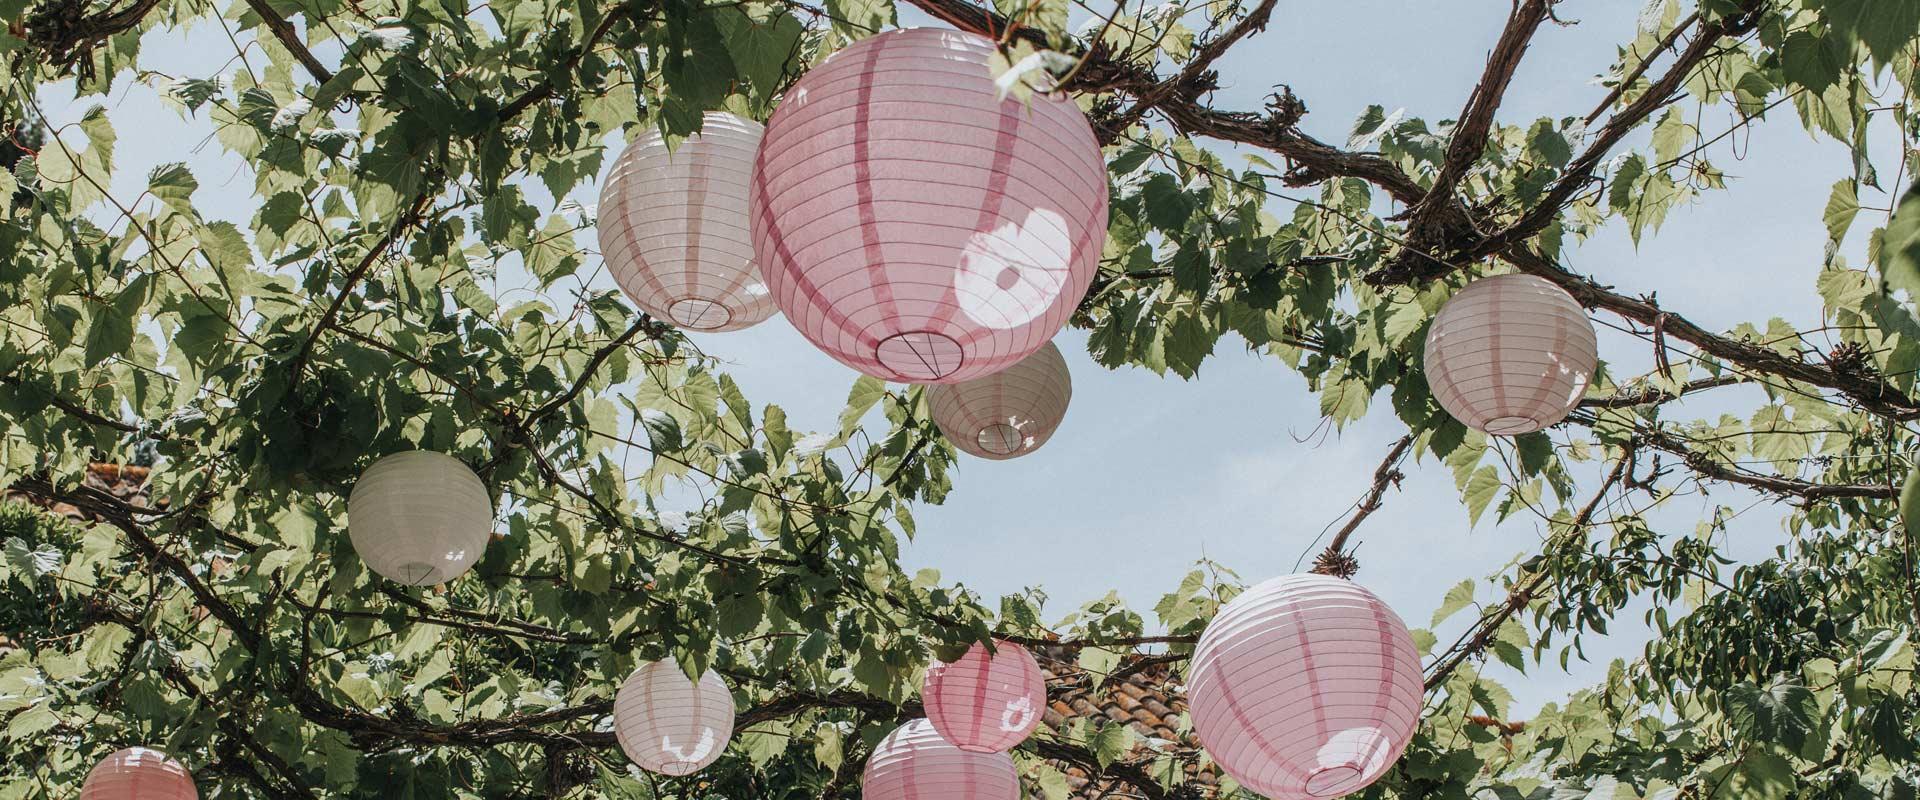 Waarom kiezen voor een bruiloft in het buitenland?